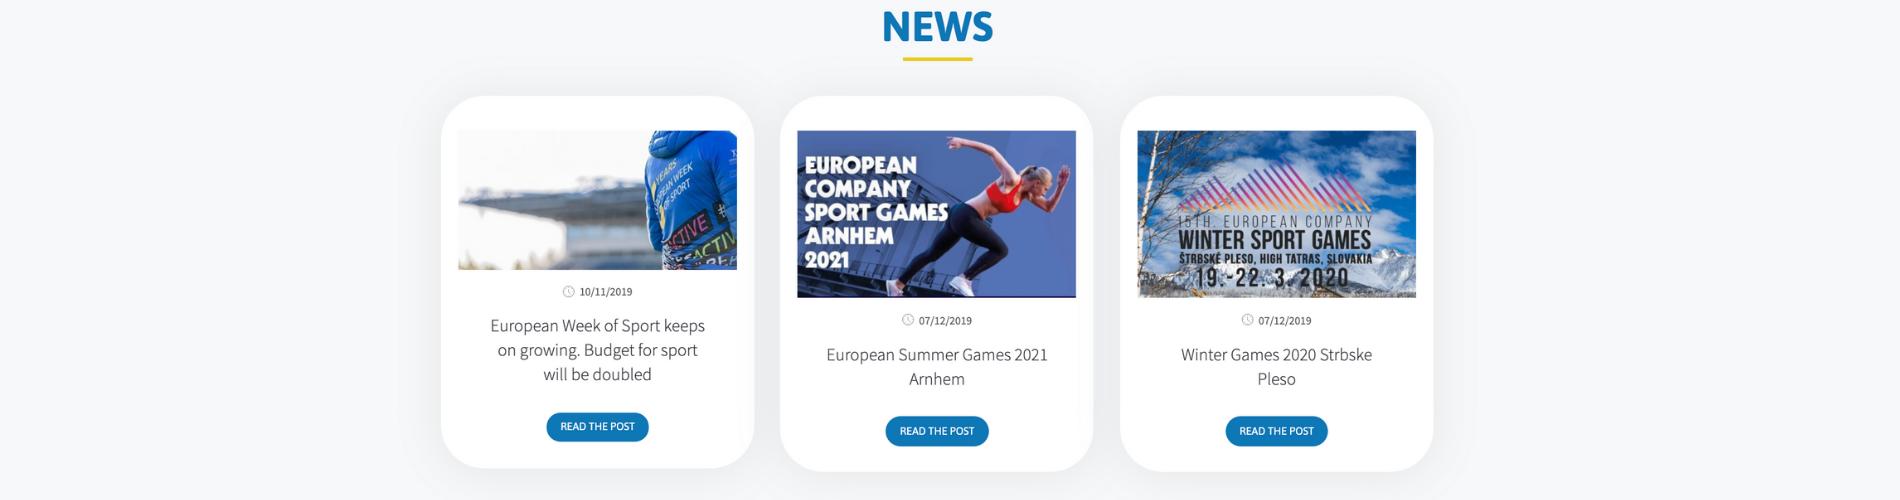 Screen site EFCS news